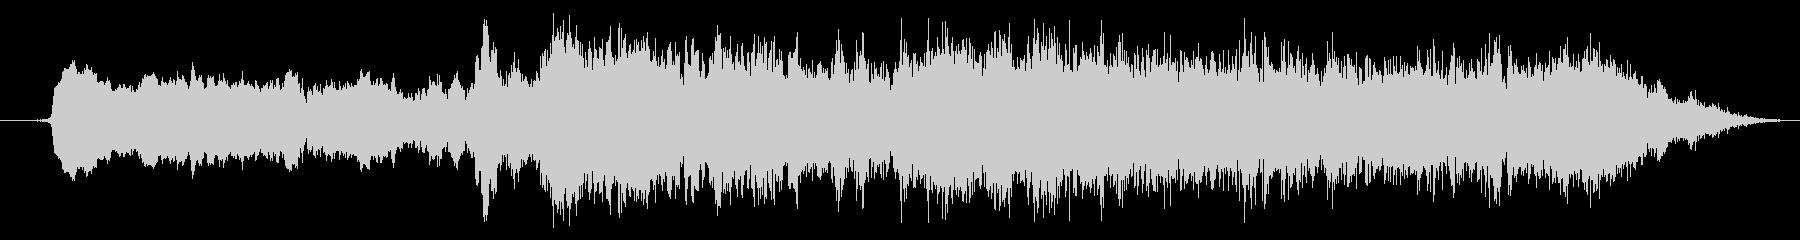 ストリングスのホラー系SEの未再生の波形